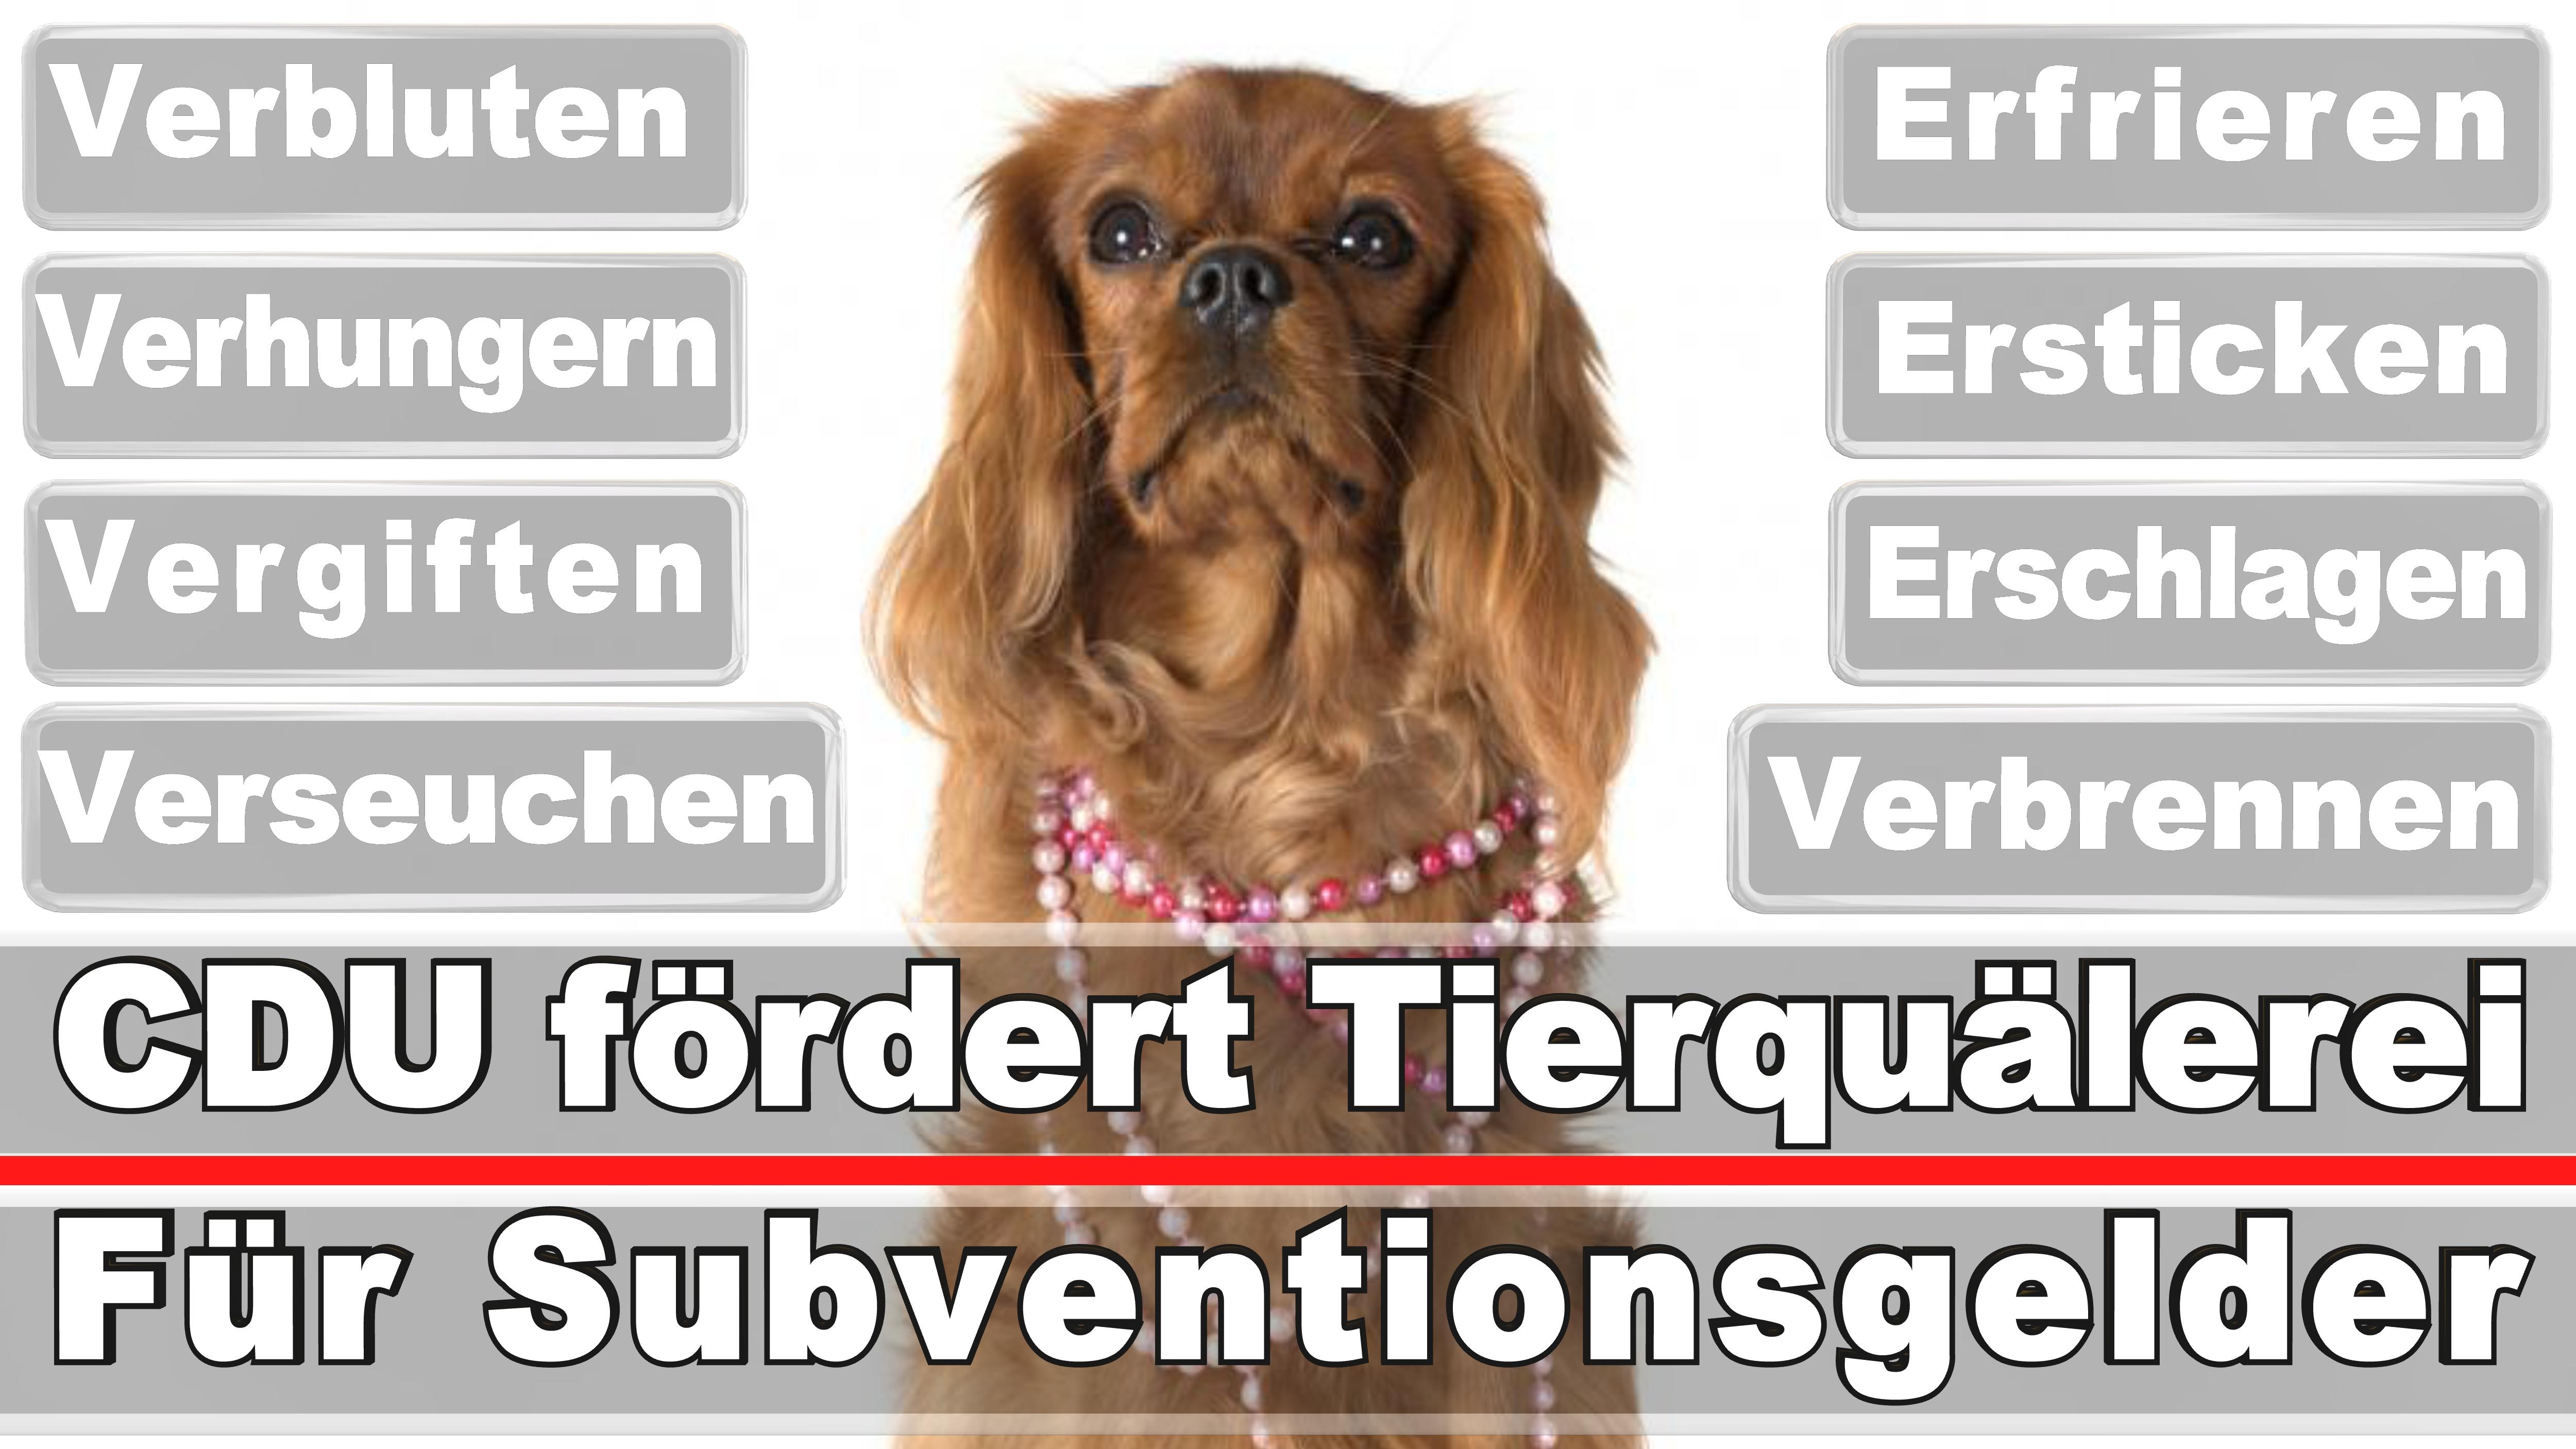 Landtagswahl-Bundestagswahl-CDU-SPD-FDP-AFD-Linke-Piraten (12)